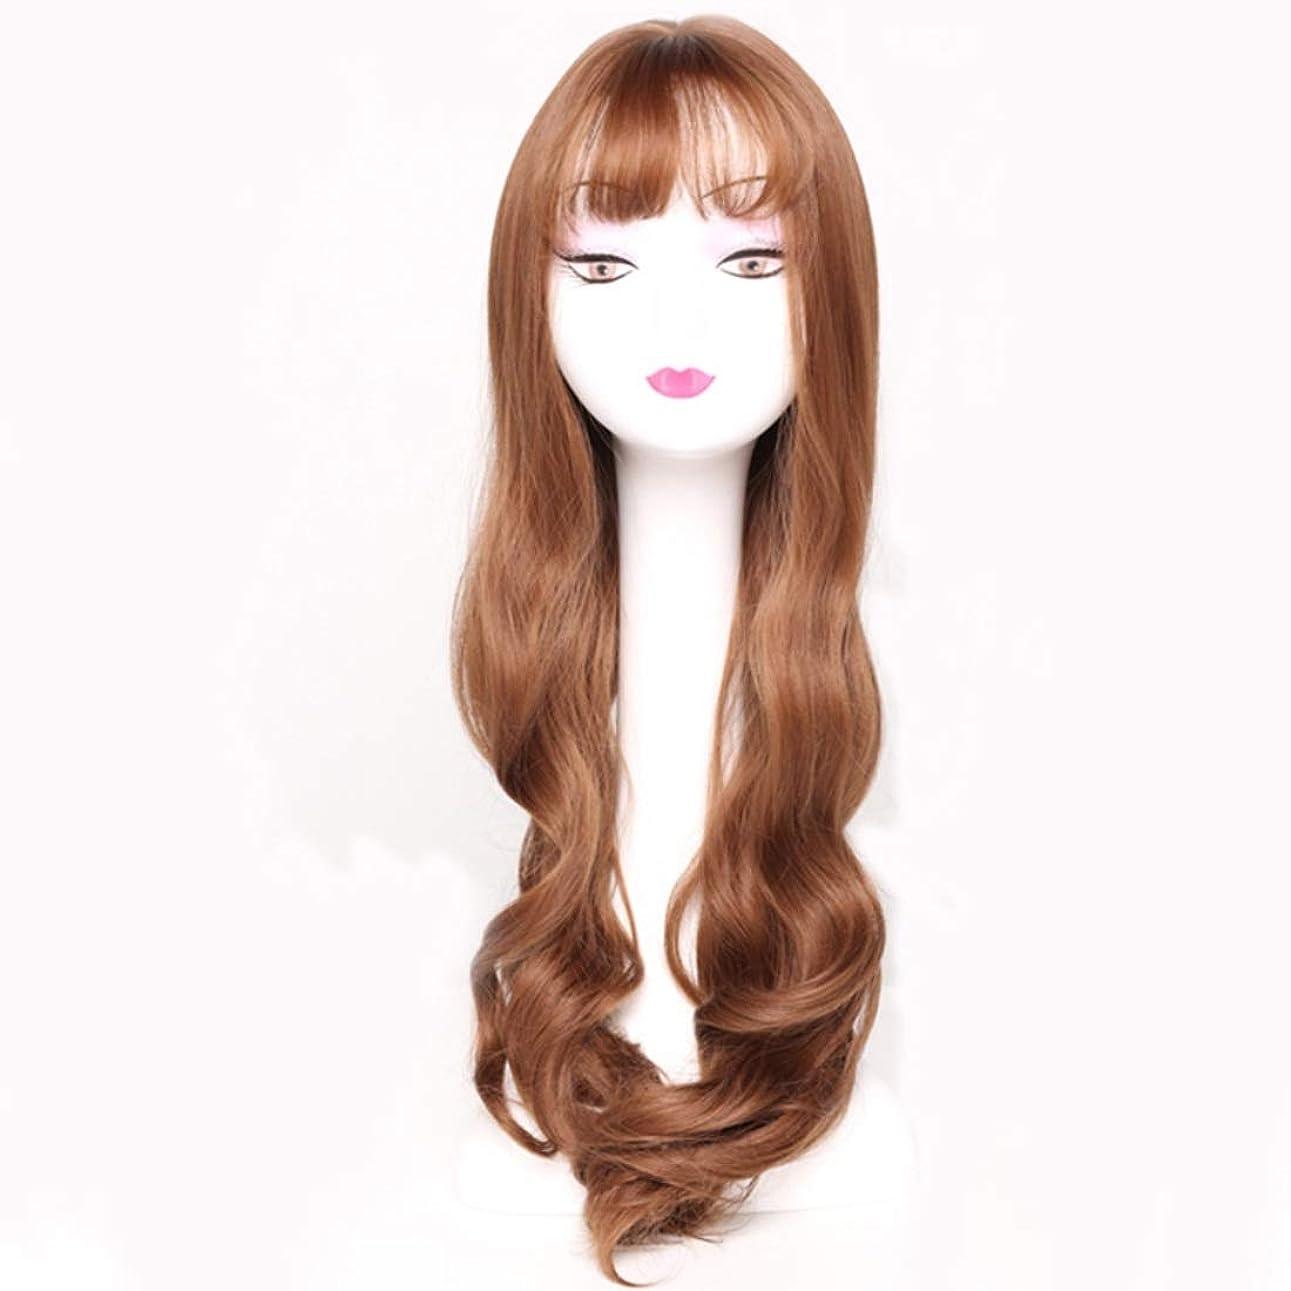 イソギンチャクバルセロナデイジーSummerys レディースウィッグカーリー合成かつら前髪合成耐熱女性ヘアスタイルカスタムコスプレパーティーウィッグ